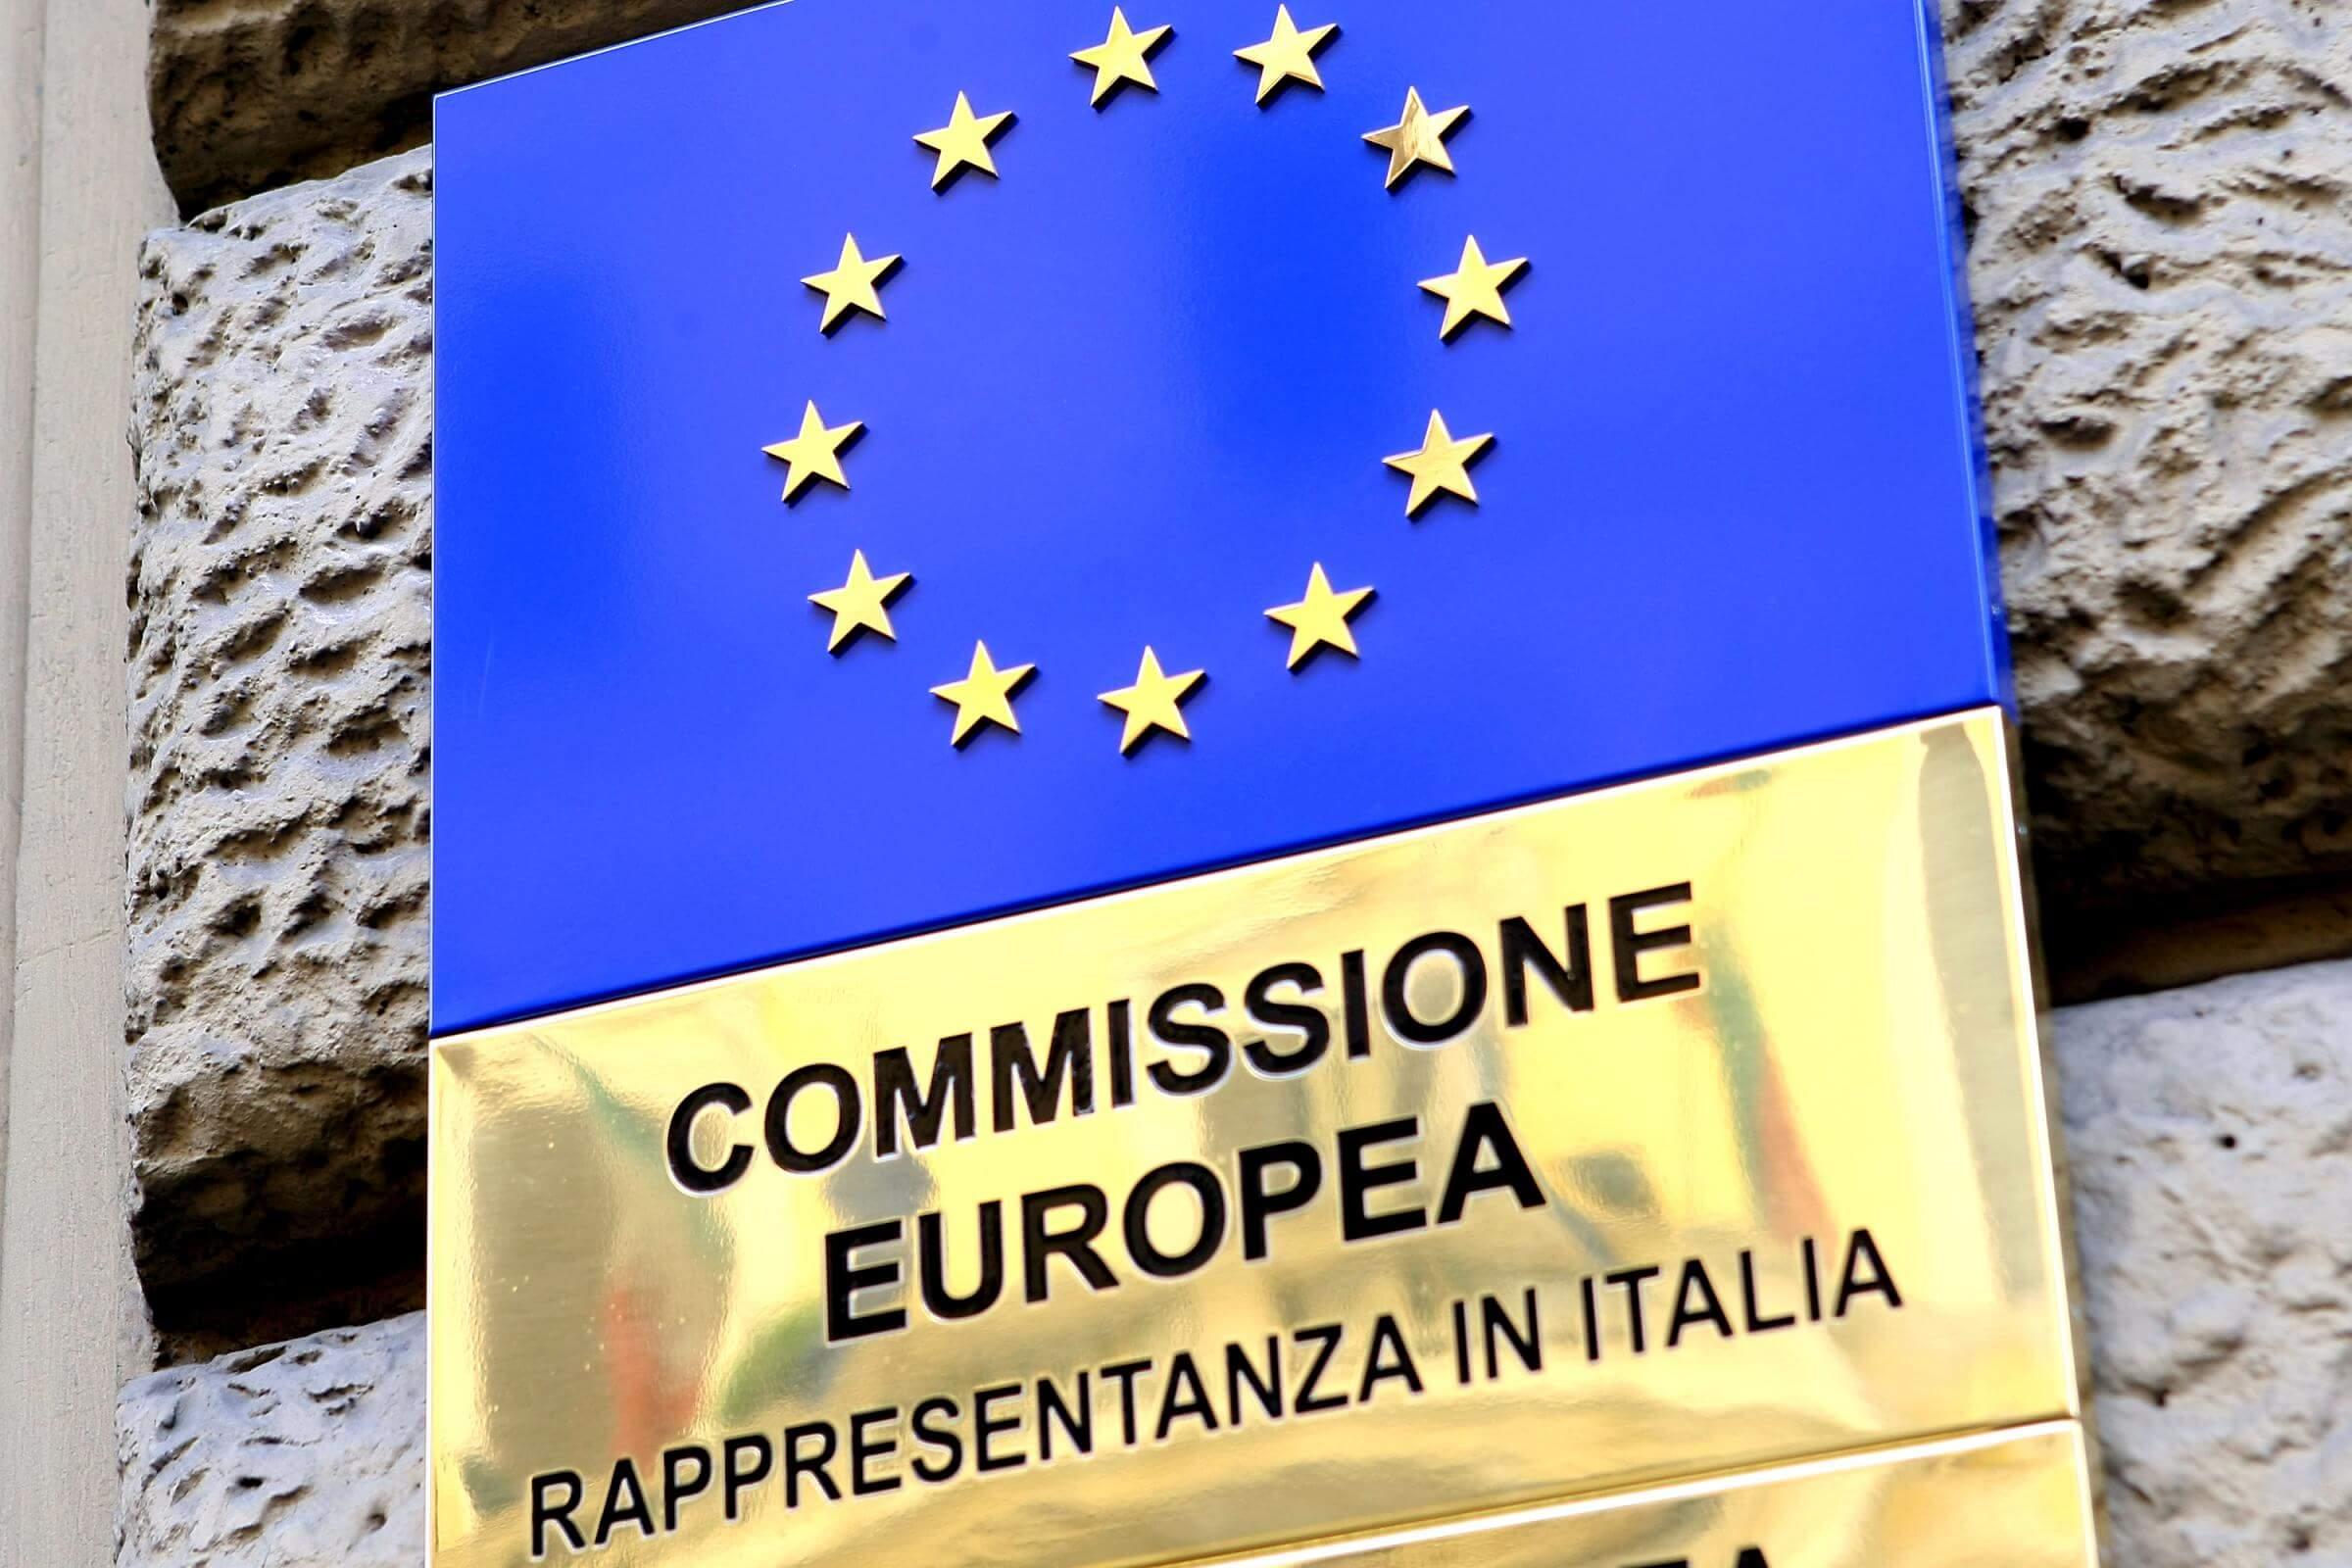 Commissione Europea, stage, tirocinio, dentro l'azienda, impresa, job, lavoro, carriera, impiego, multinazionale, internazionale, studentessa, università